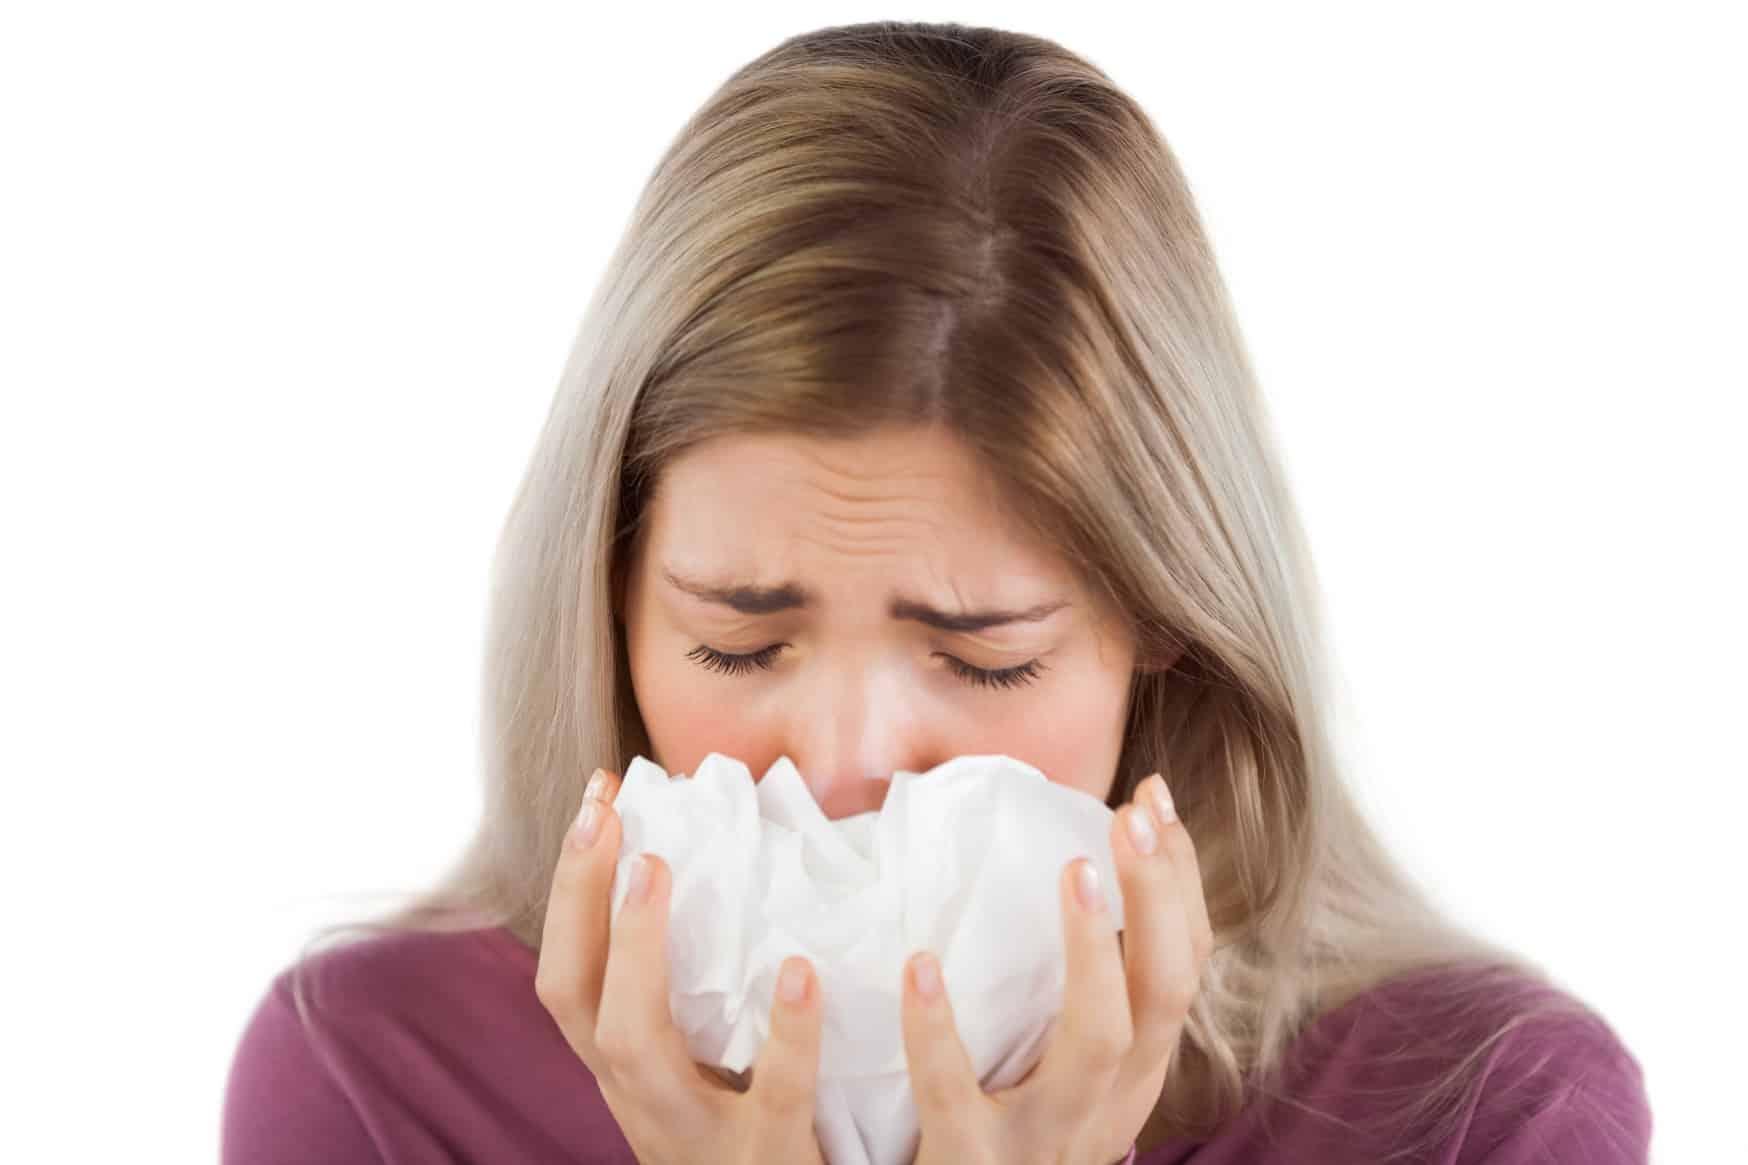 почему течет из носа прозрачная жидкость